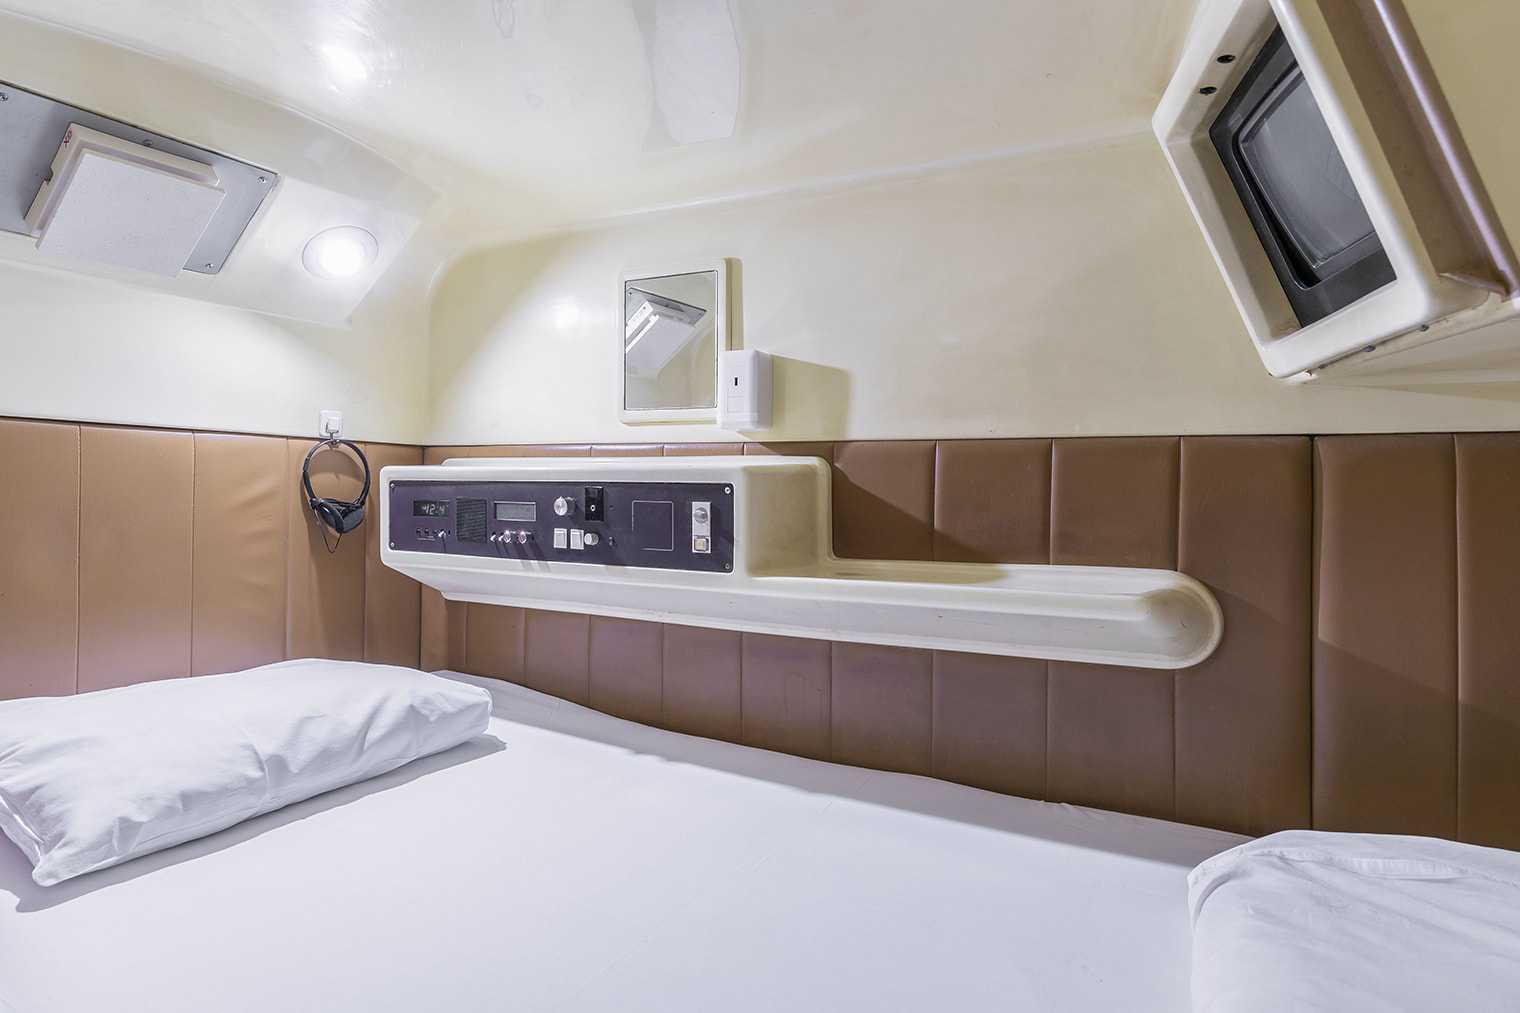 東京のおすすめカプセルホテル12選!格安・女性にオススメ・大浴場付きなど紹介